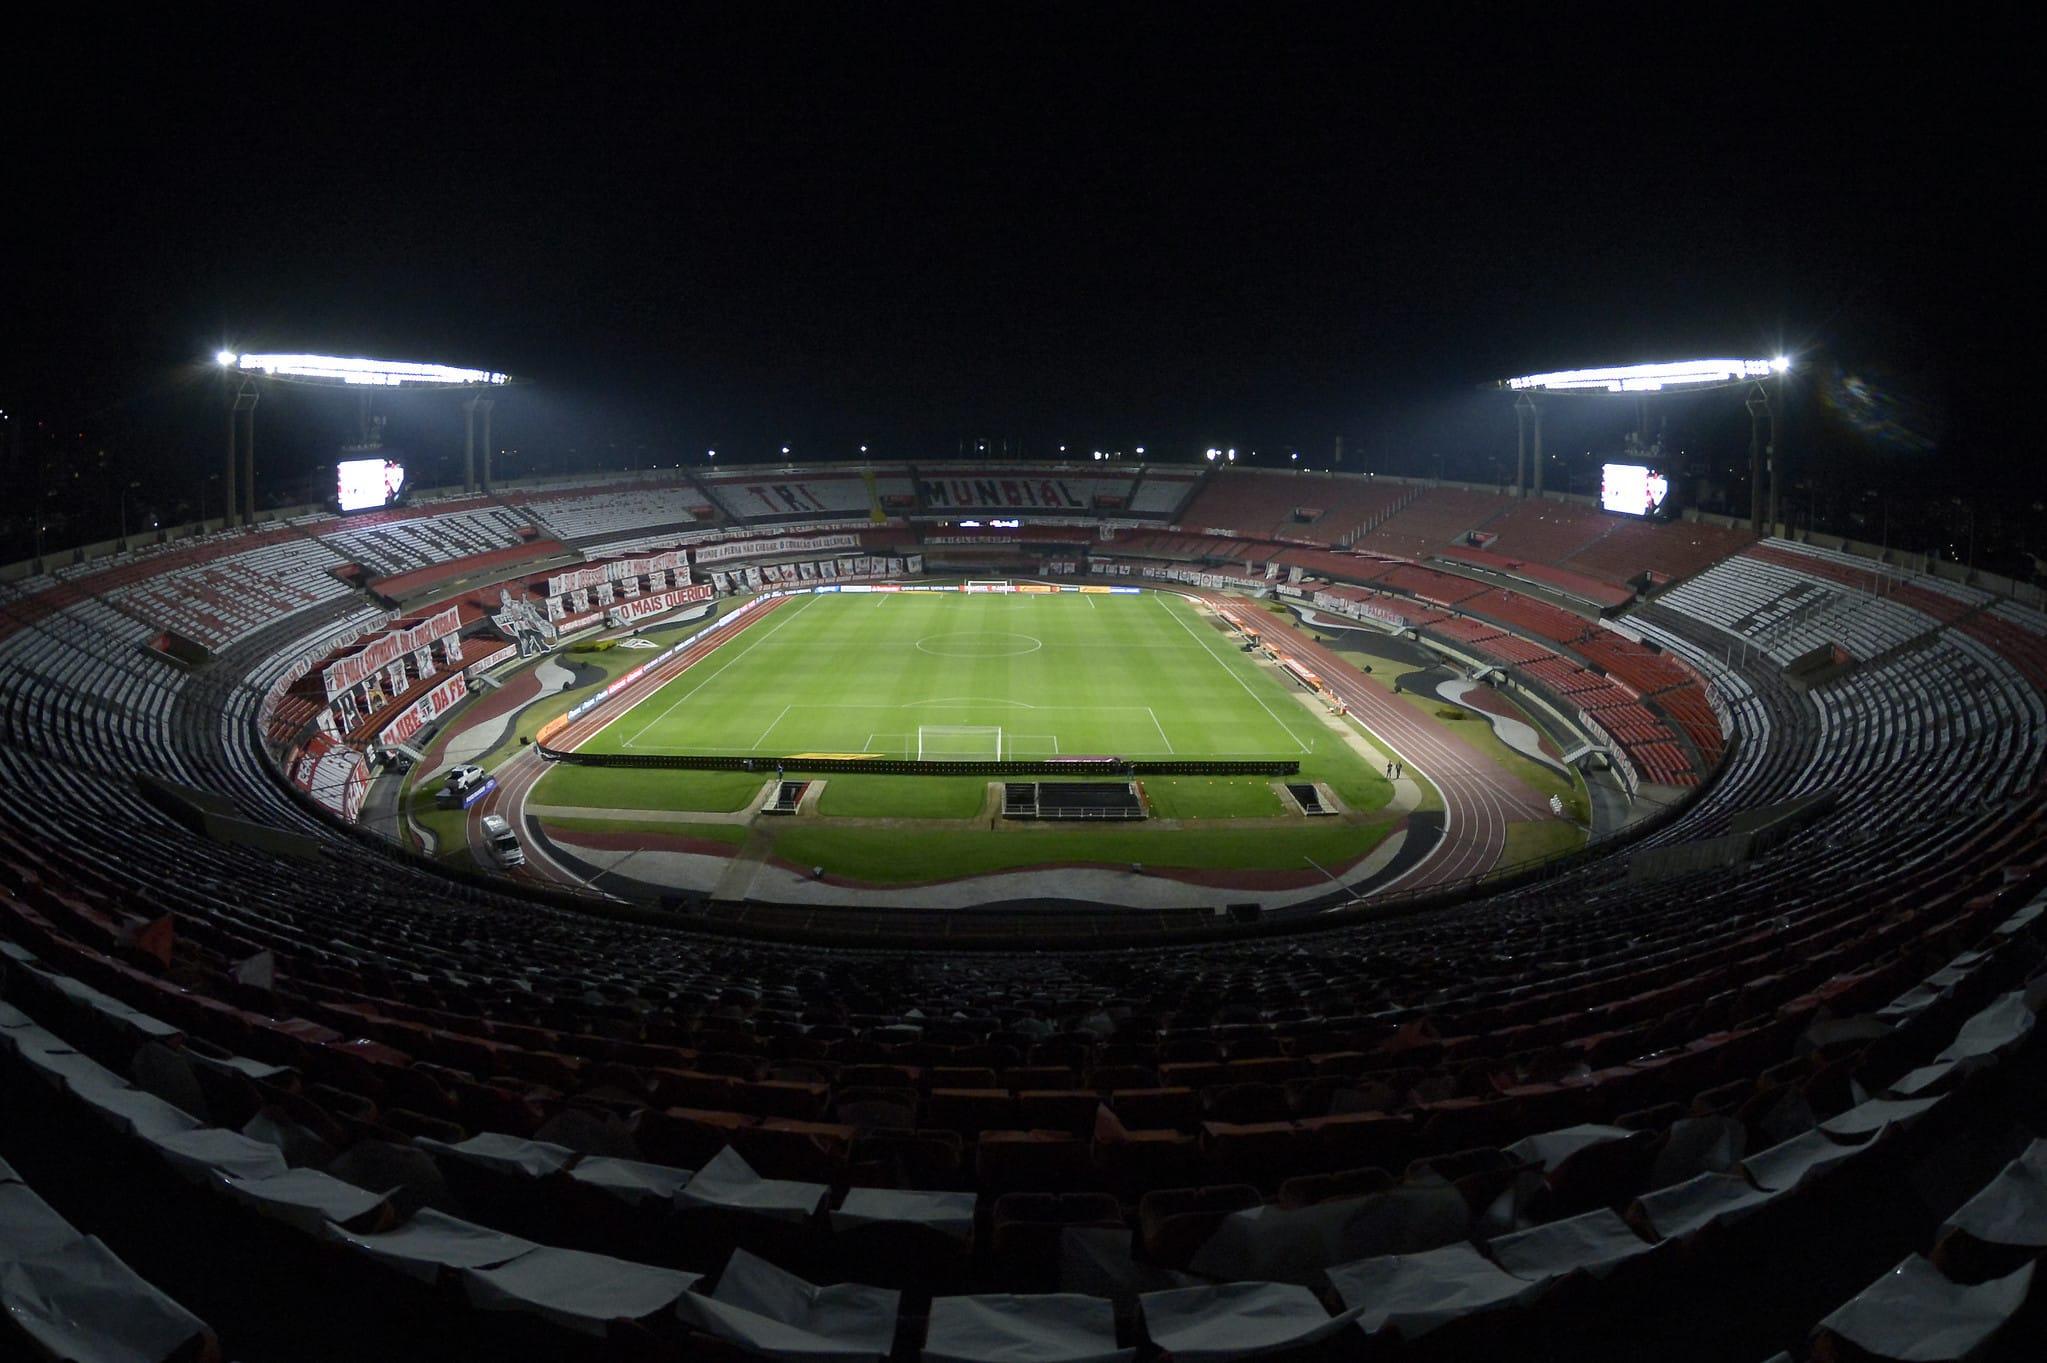 Com objetivos distintos, São Paulo e Atlético-MG se enfrentam na noite deste sábado (25), às 21h, no Estádio Morumbi, em São Paulo (SP)